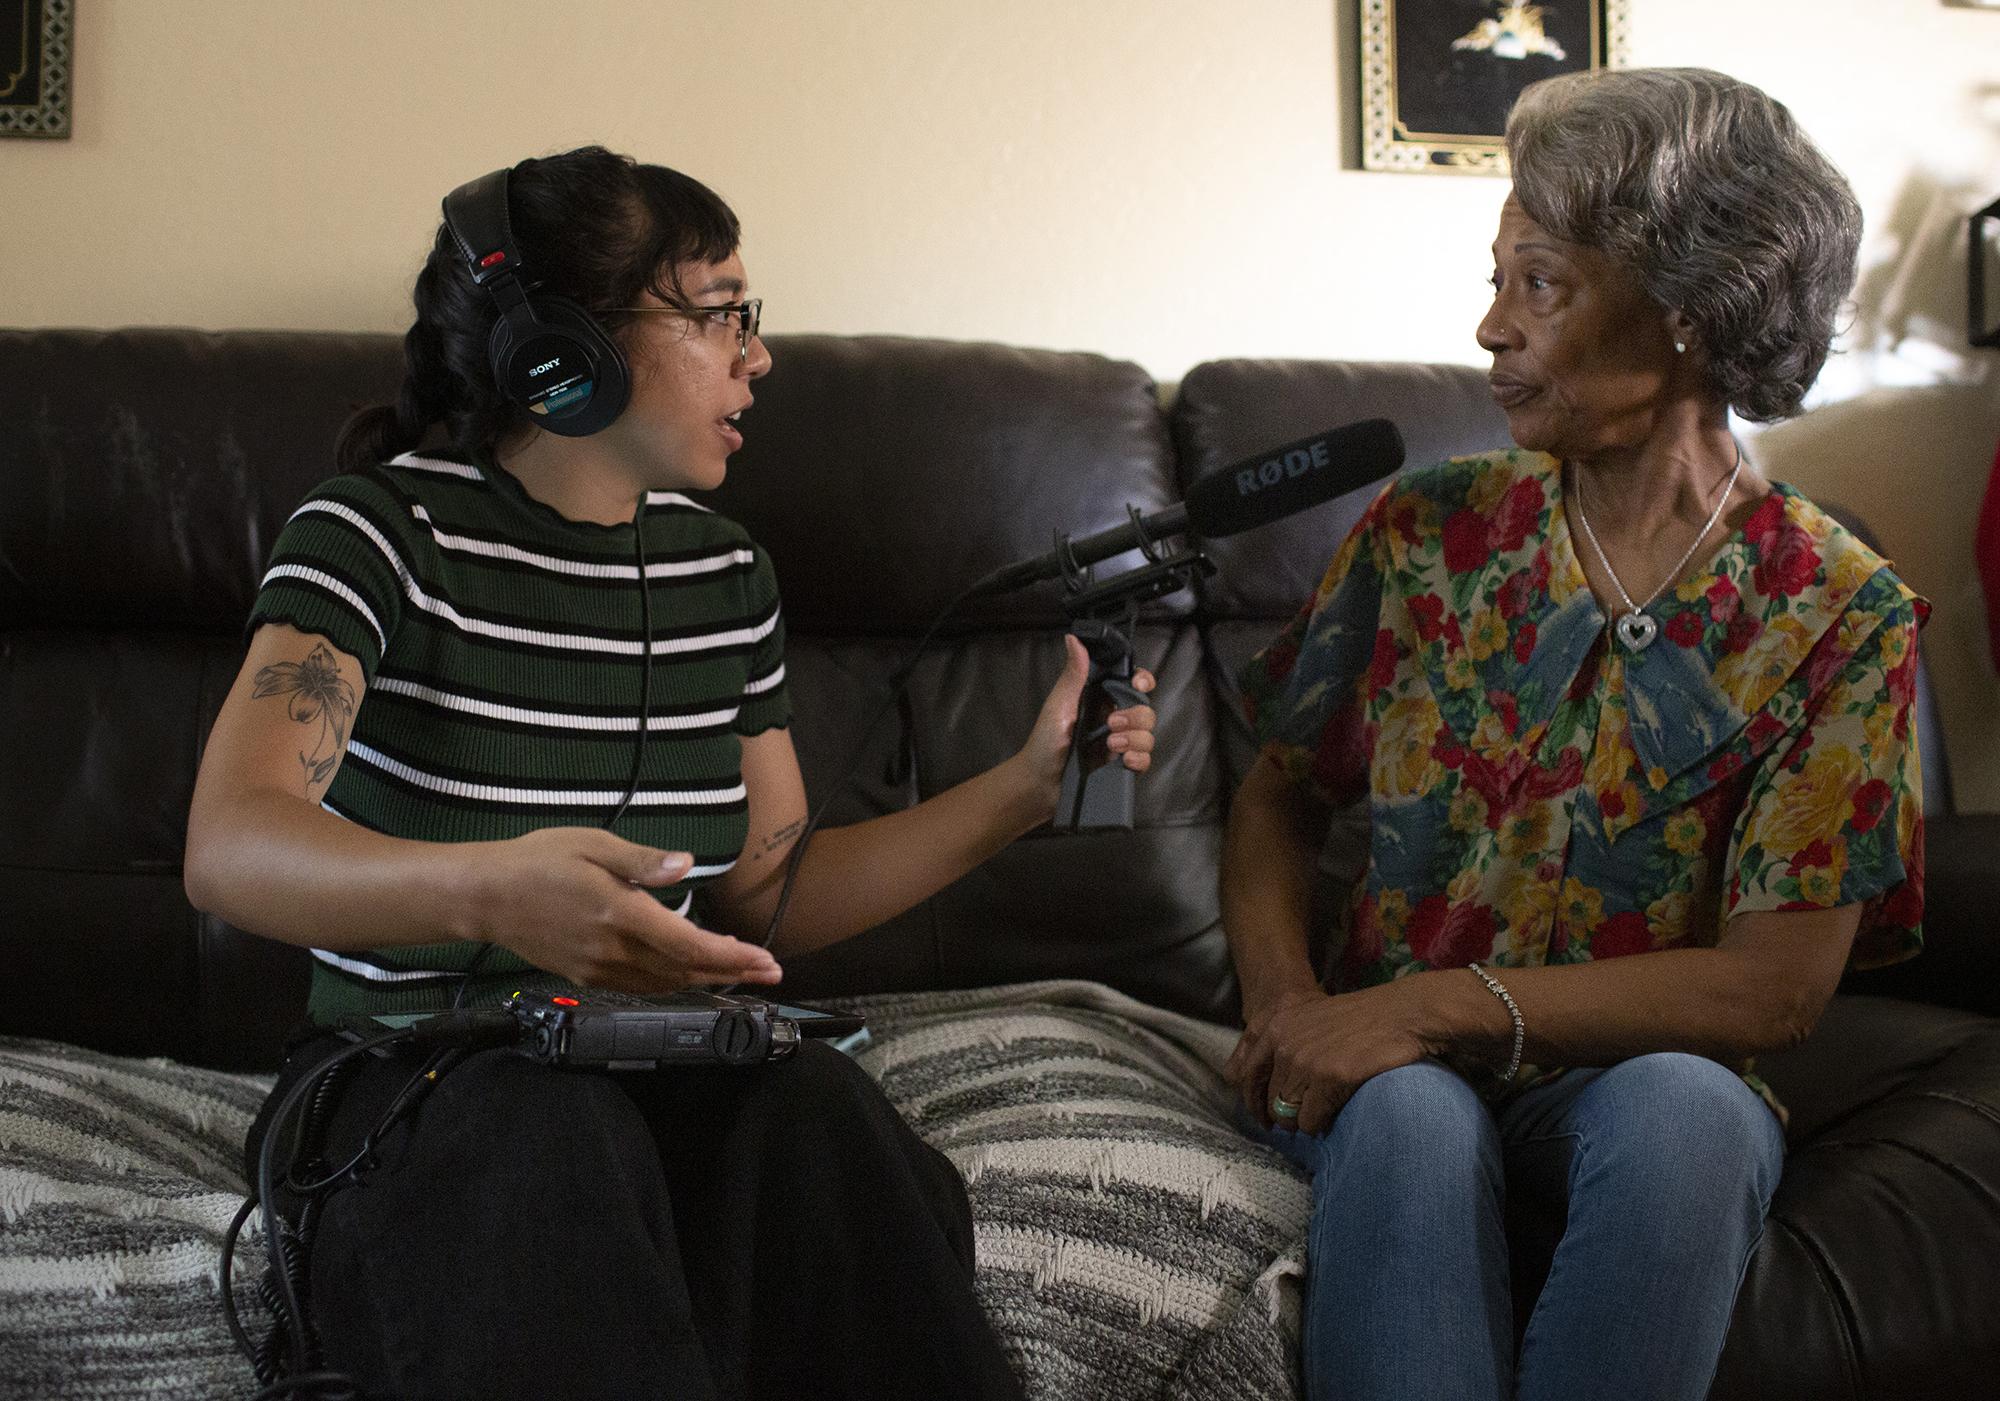 Shaylyn interviewing Dawn